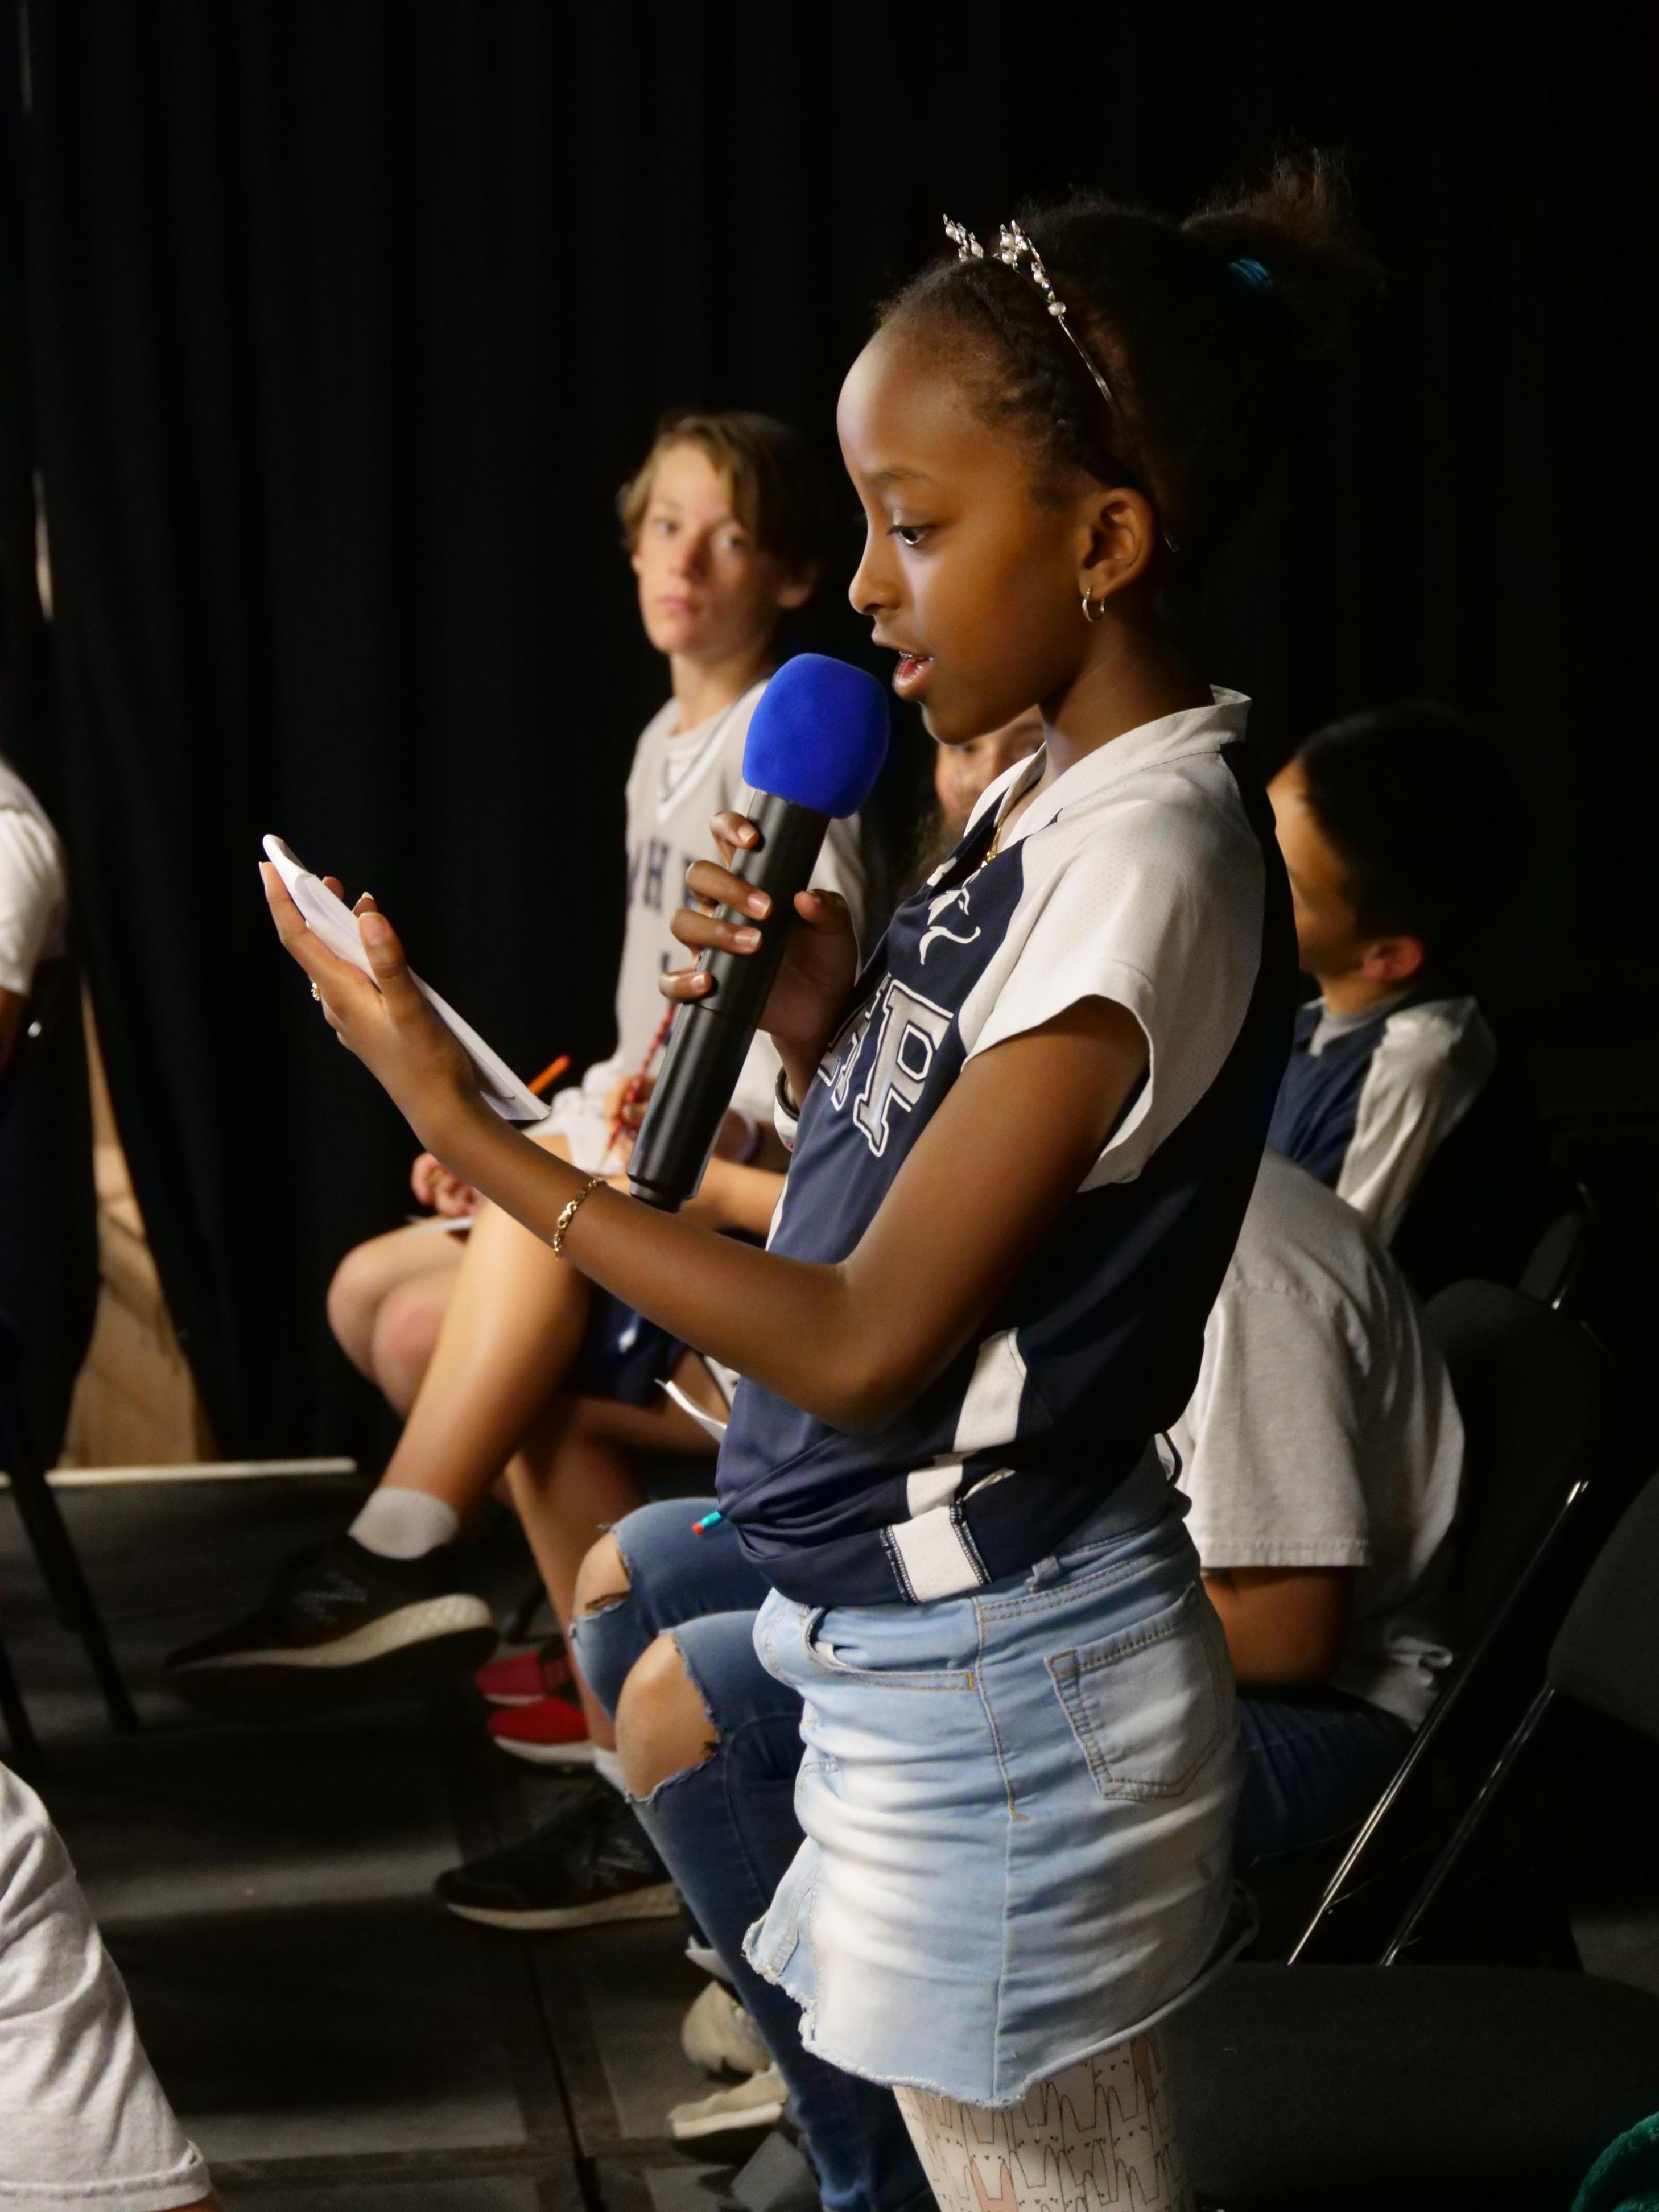 学生们在参加中学拼写比赛.